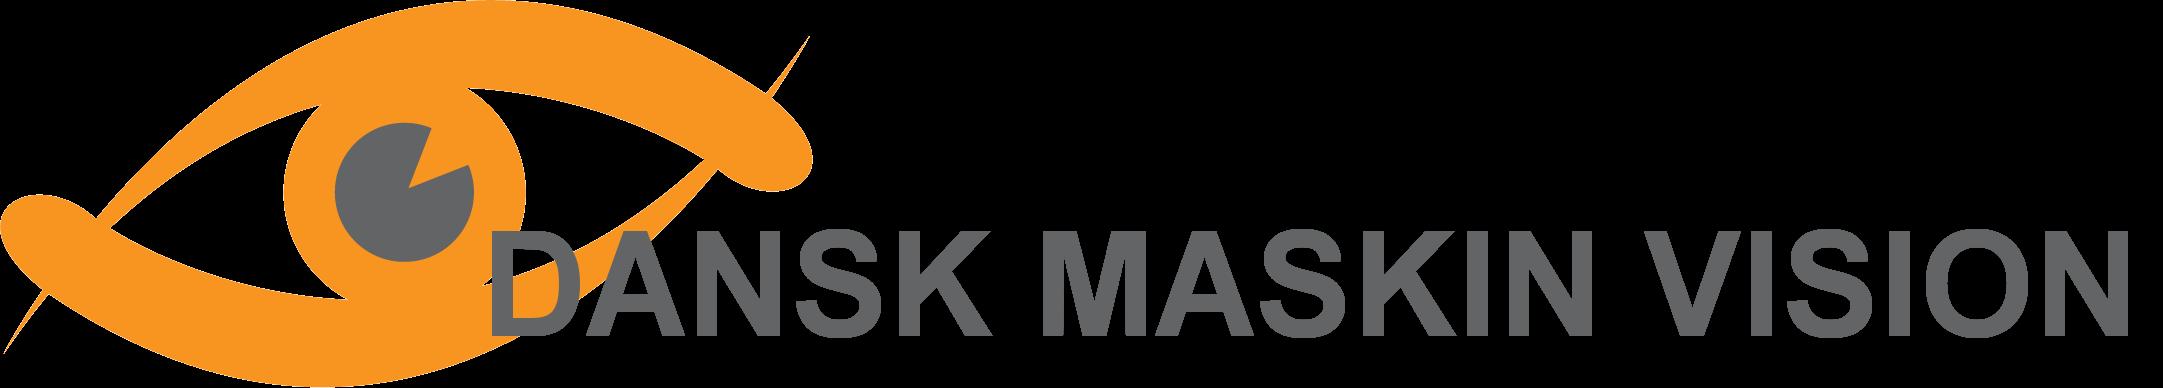 Dansk Maskin Vision